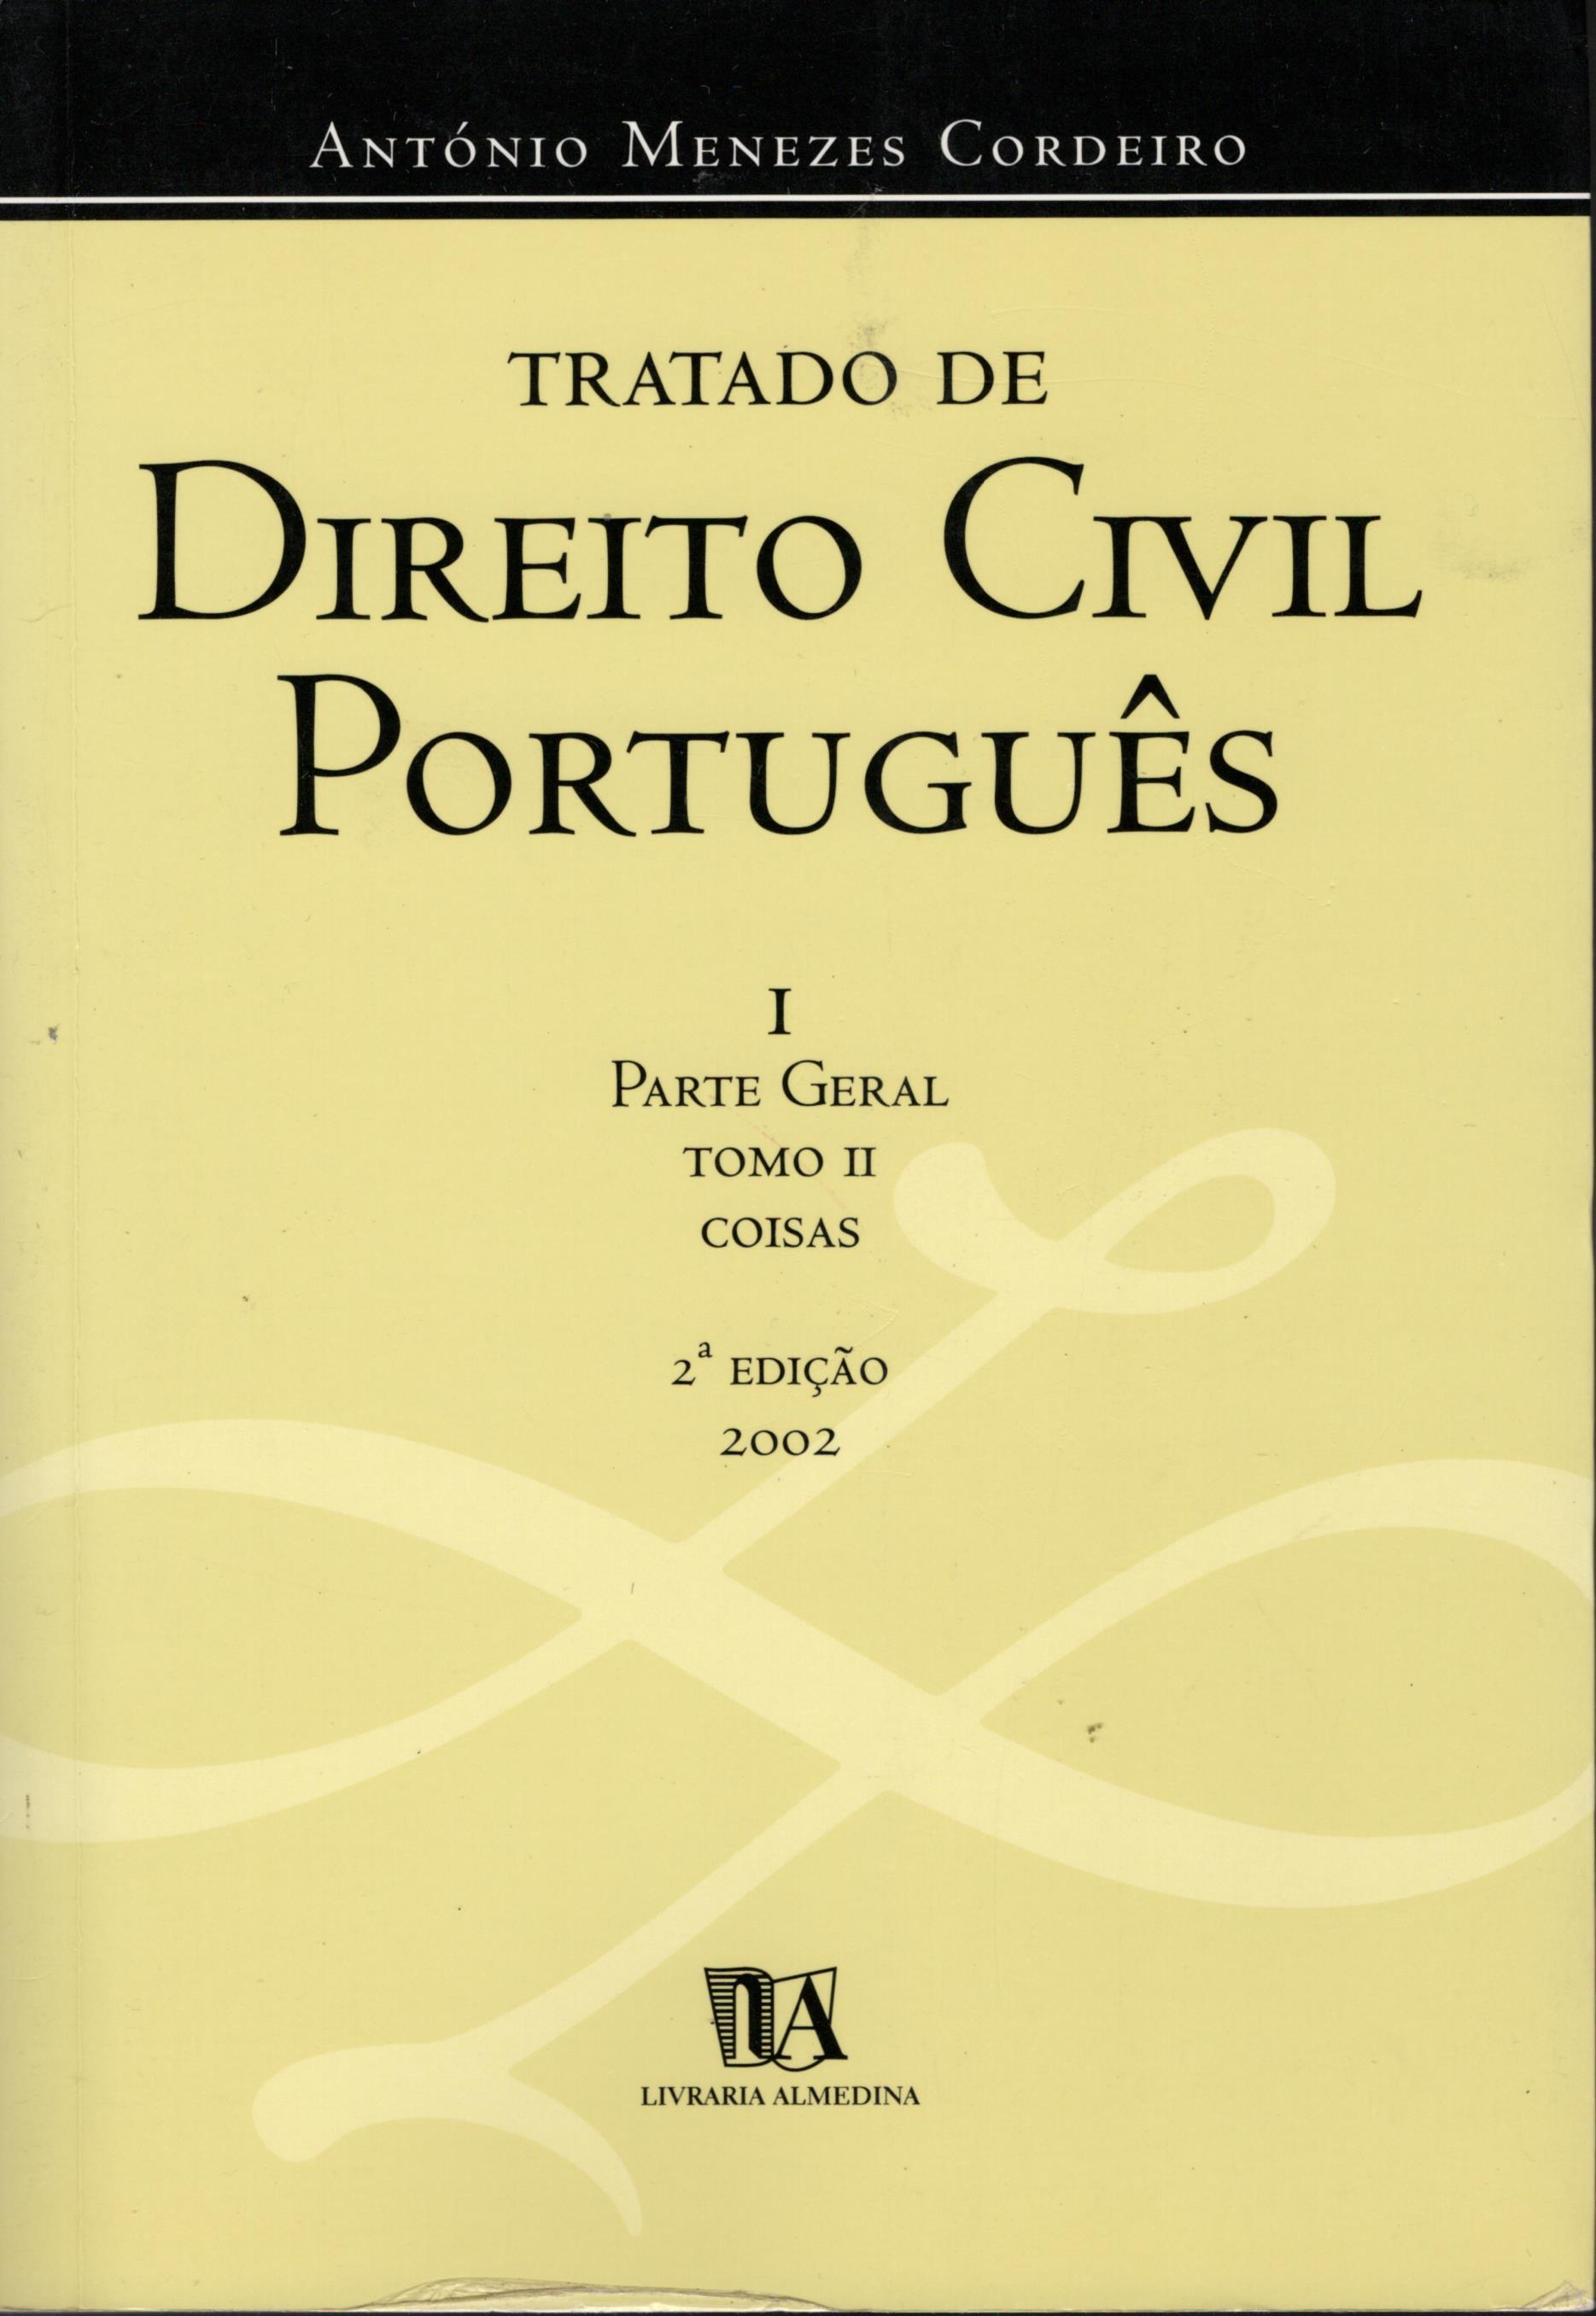 TRATADO DE DIREITO CIVIL PORTUGUÊS: I Parte Geral. Tomo II Coisas - CORDEIRO, António Menezes